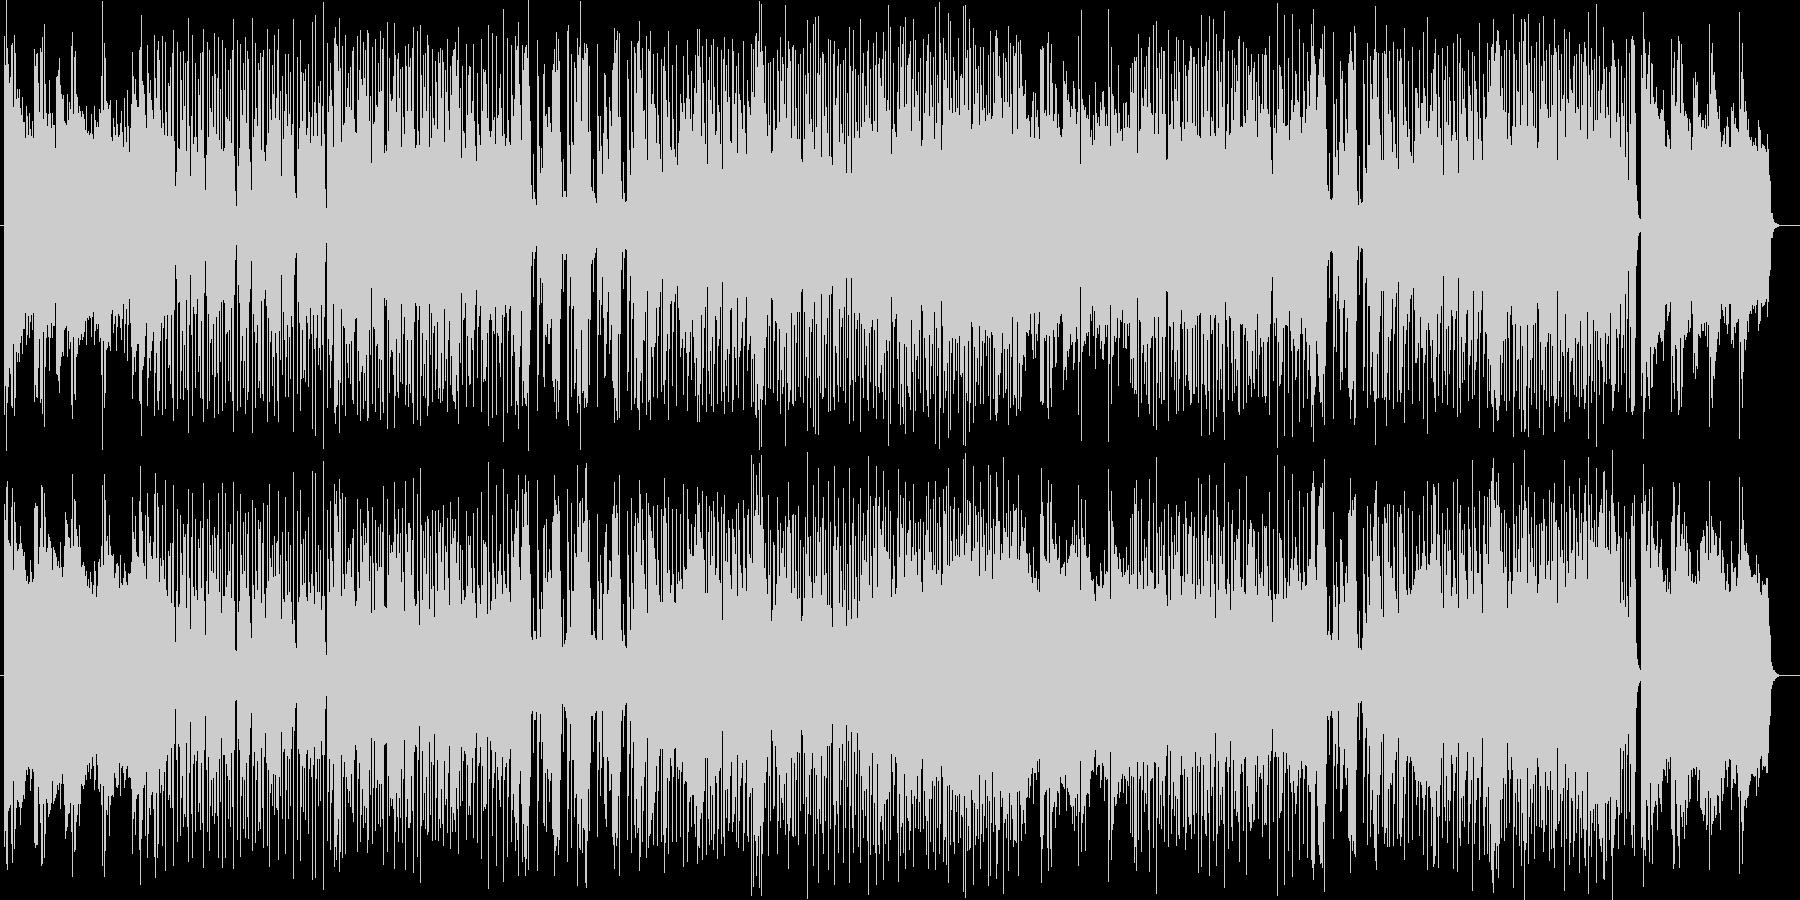 トランペットやドラムの高揚感あふれる楽曲の未再生の波形